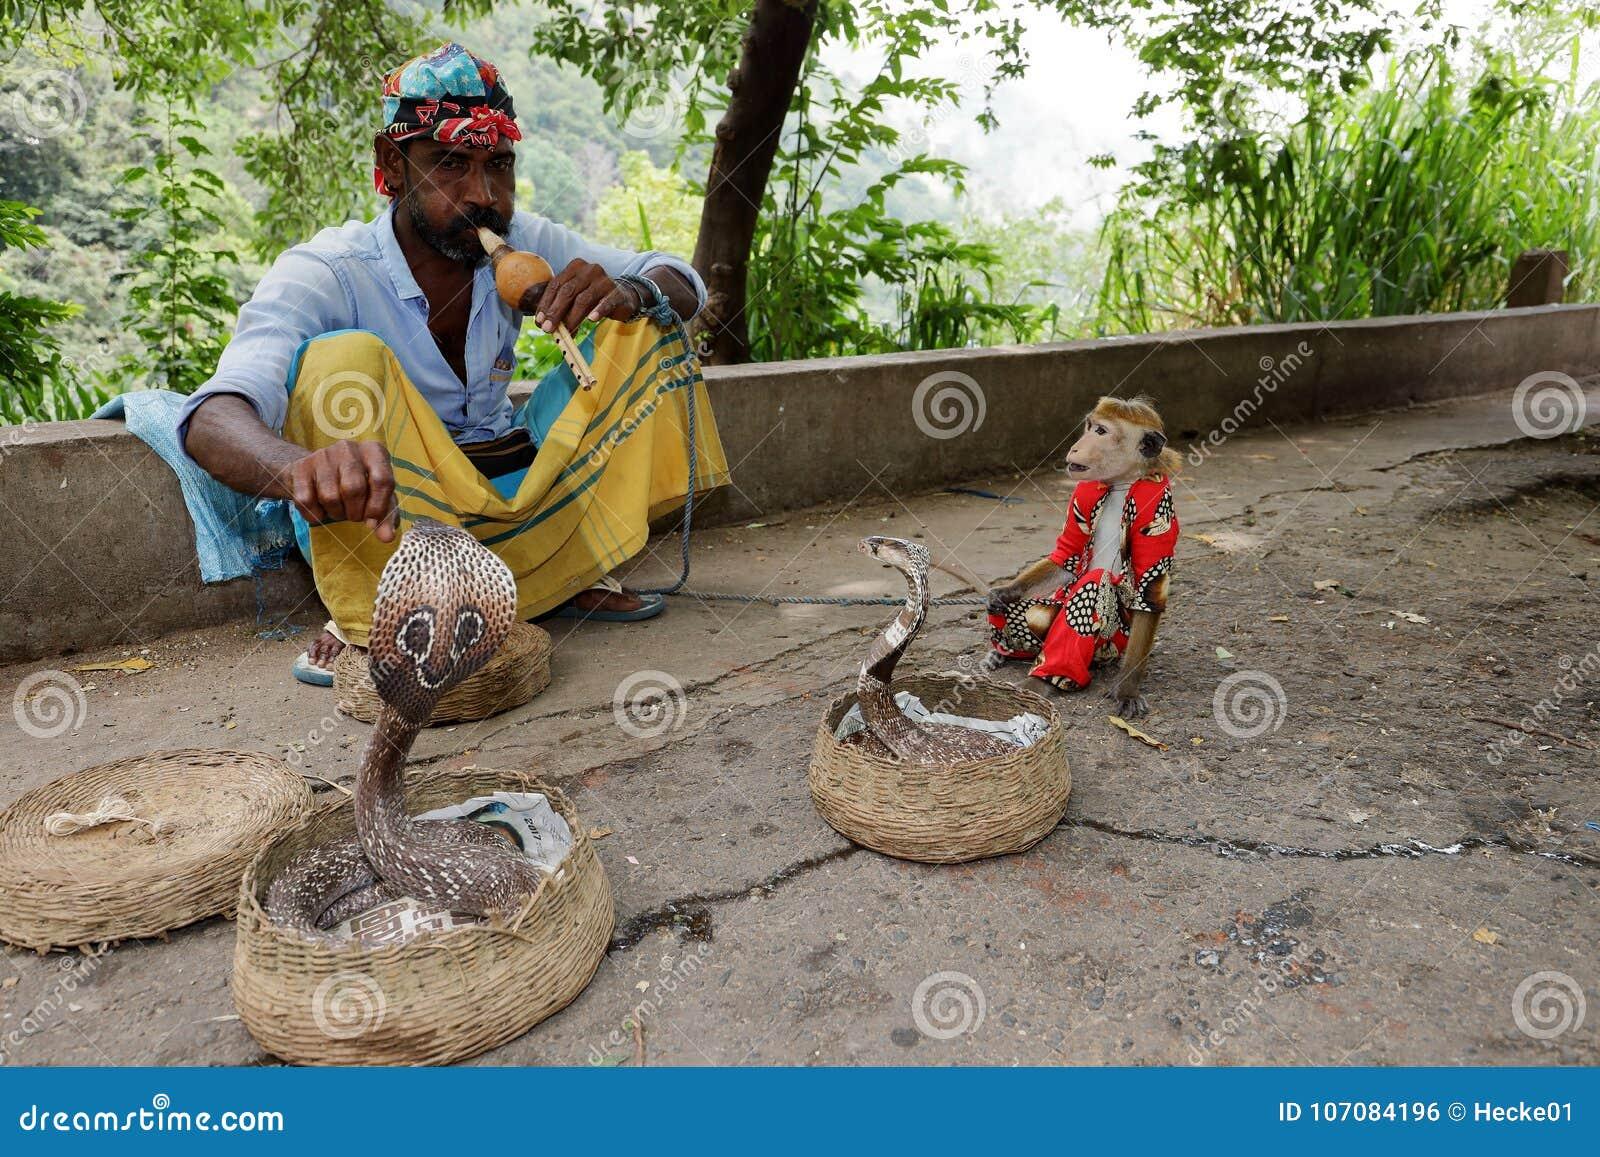 Заклинатель змей с коброй в Шри-Ланке